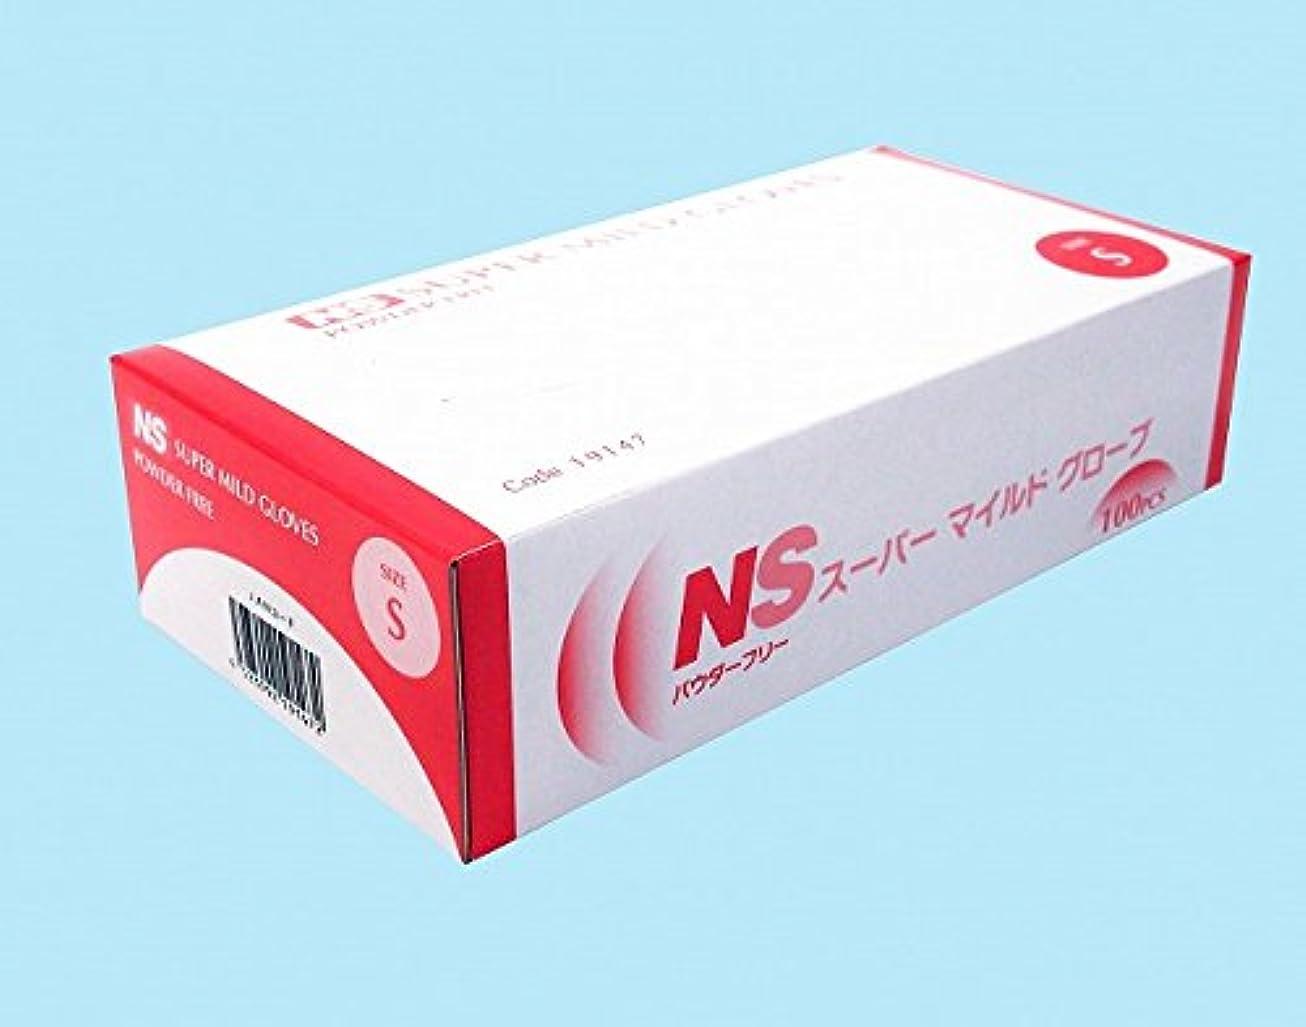 【日昭産業】NS スーパーマイルド プラスチック手袋 パウダーフリー S 100枚*20箱入り (ケース販売)